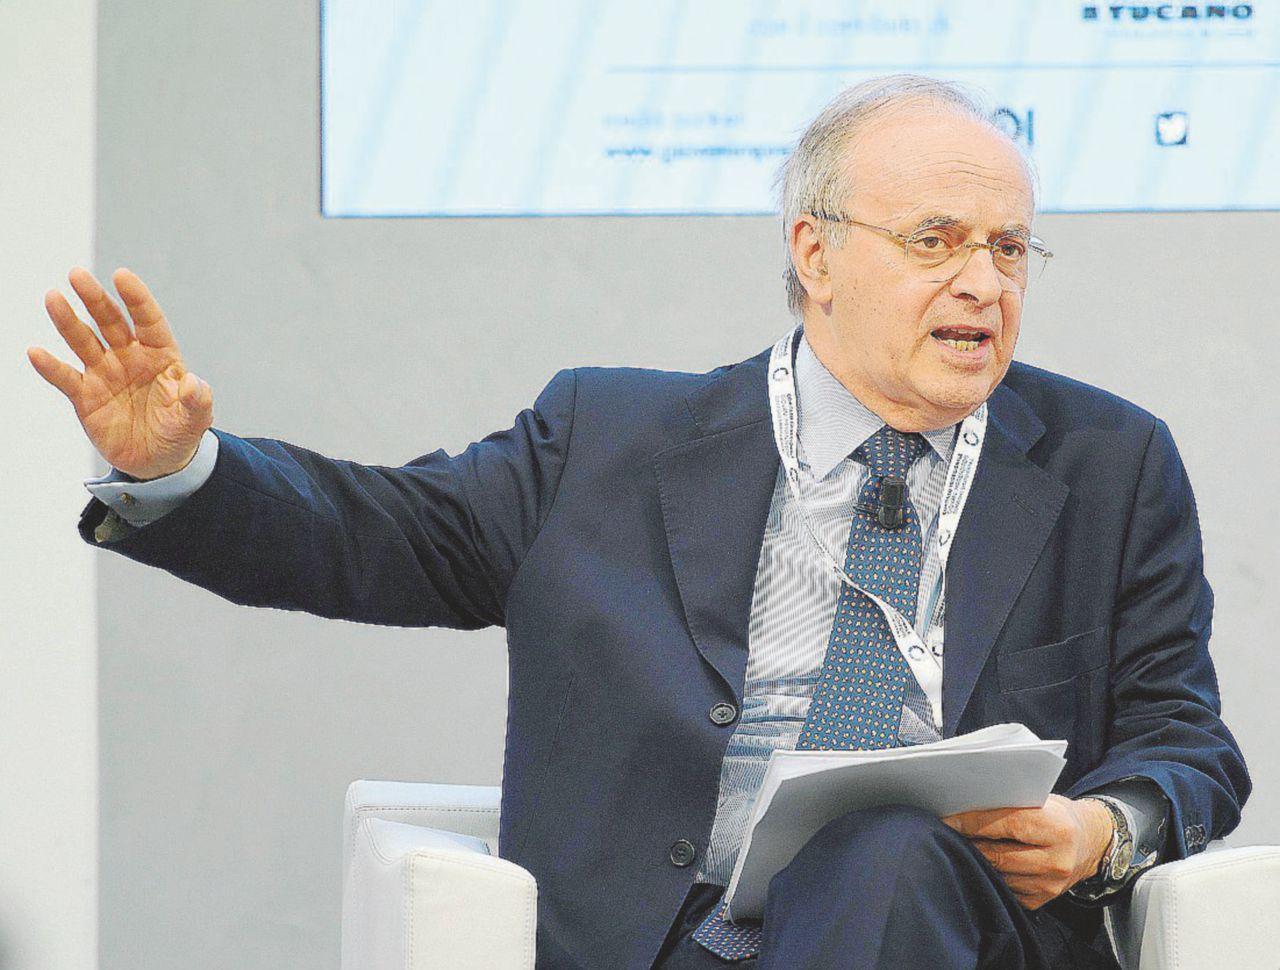 Davigo, un anno in trincea: Renzi-bluff e l'aiutino a Canzio